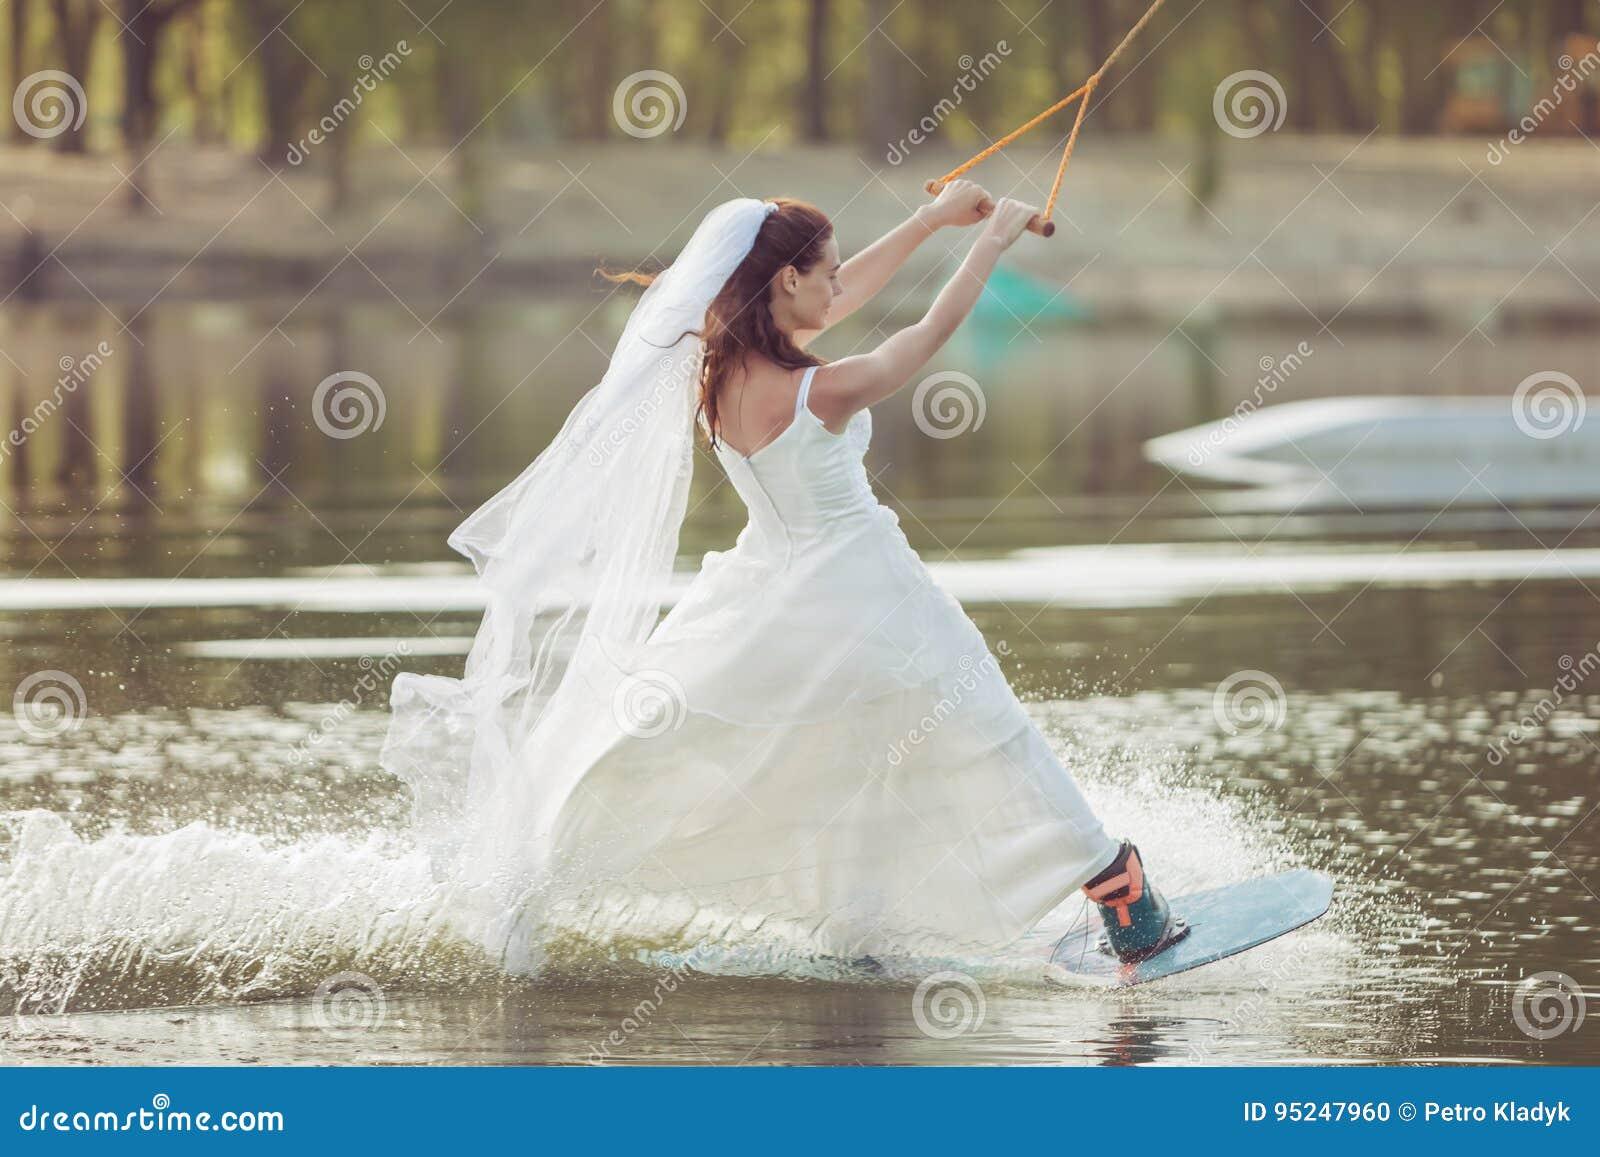 Η νύφη είναι ακραία φίλαθλος